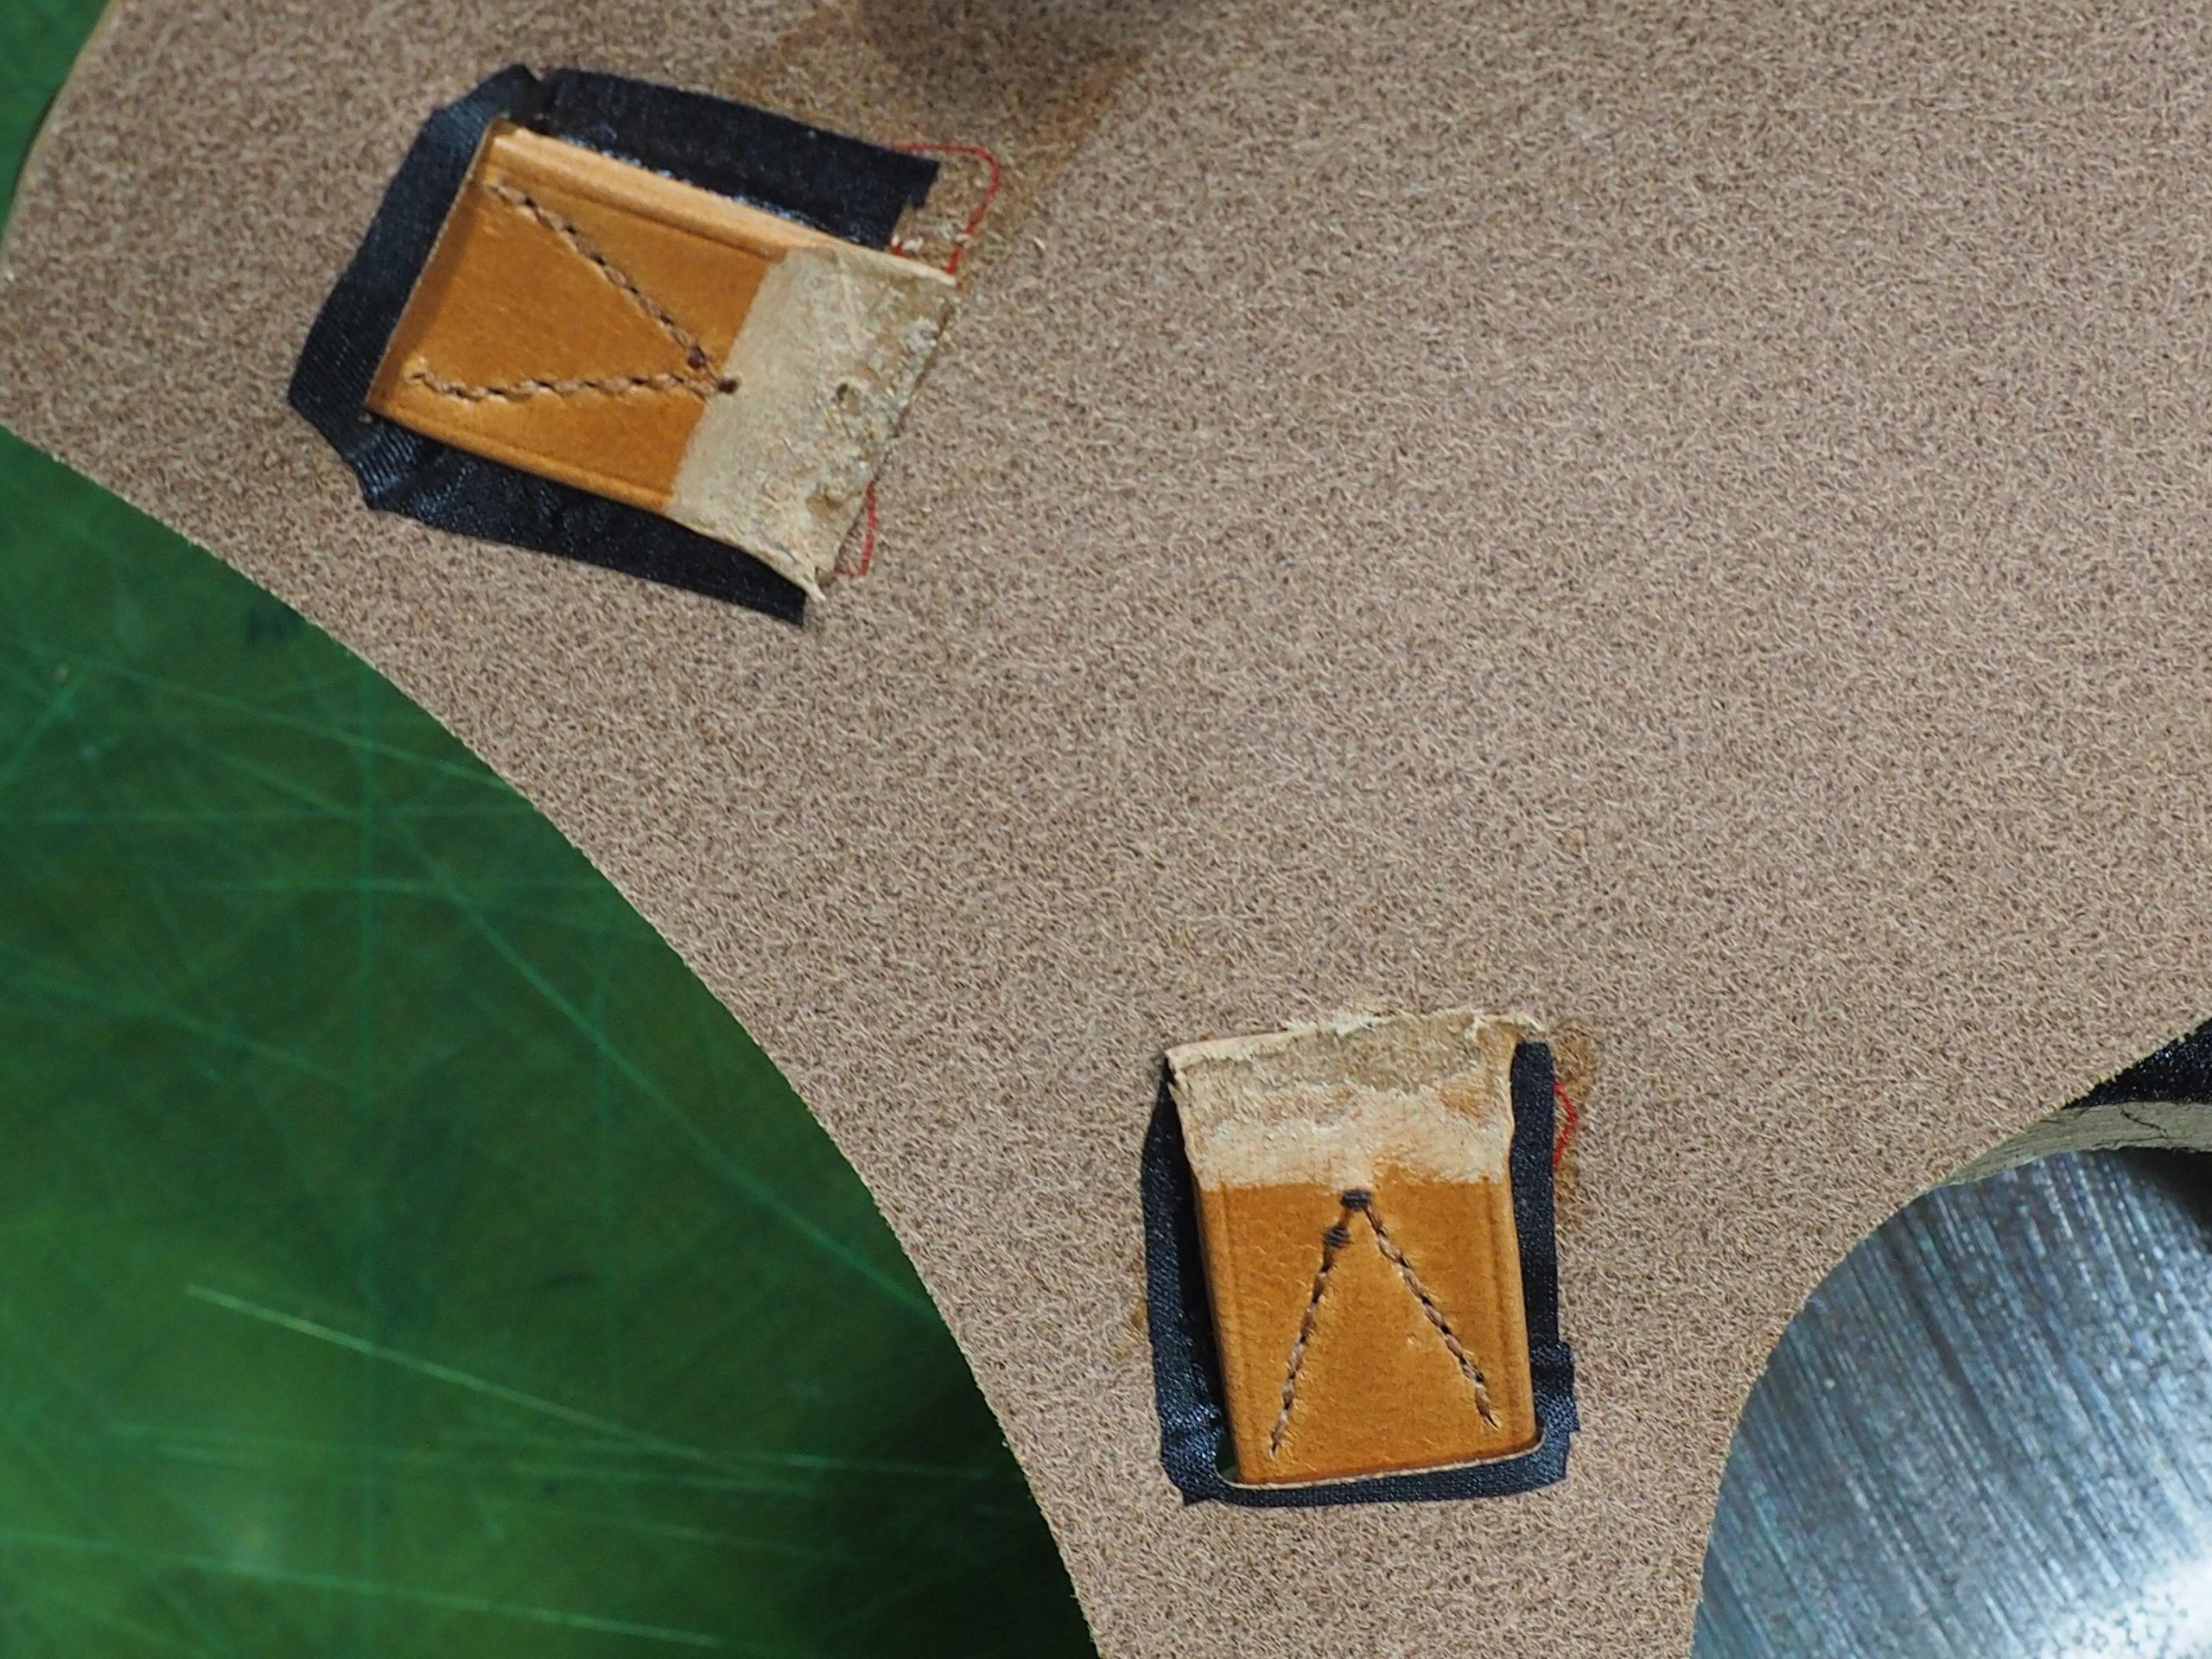 セラフィーニテープは貼るだけではなく縫って固定